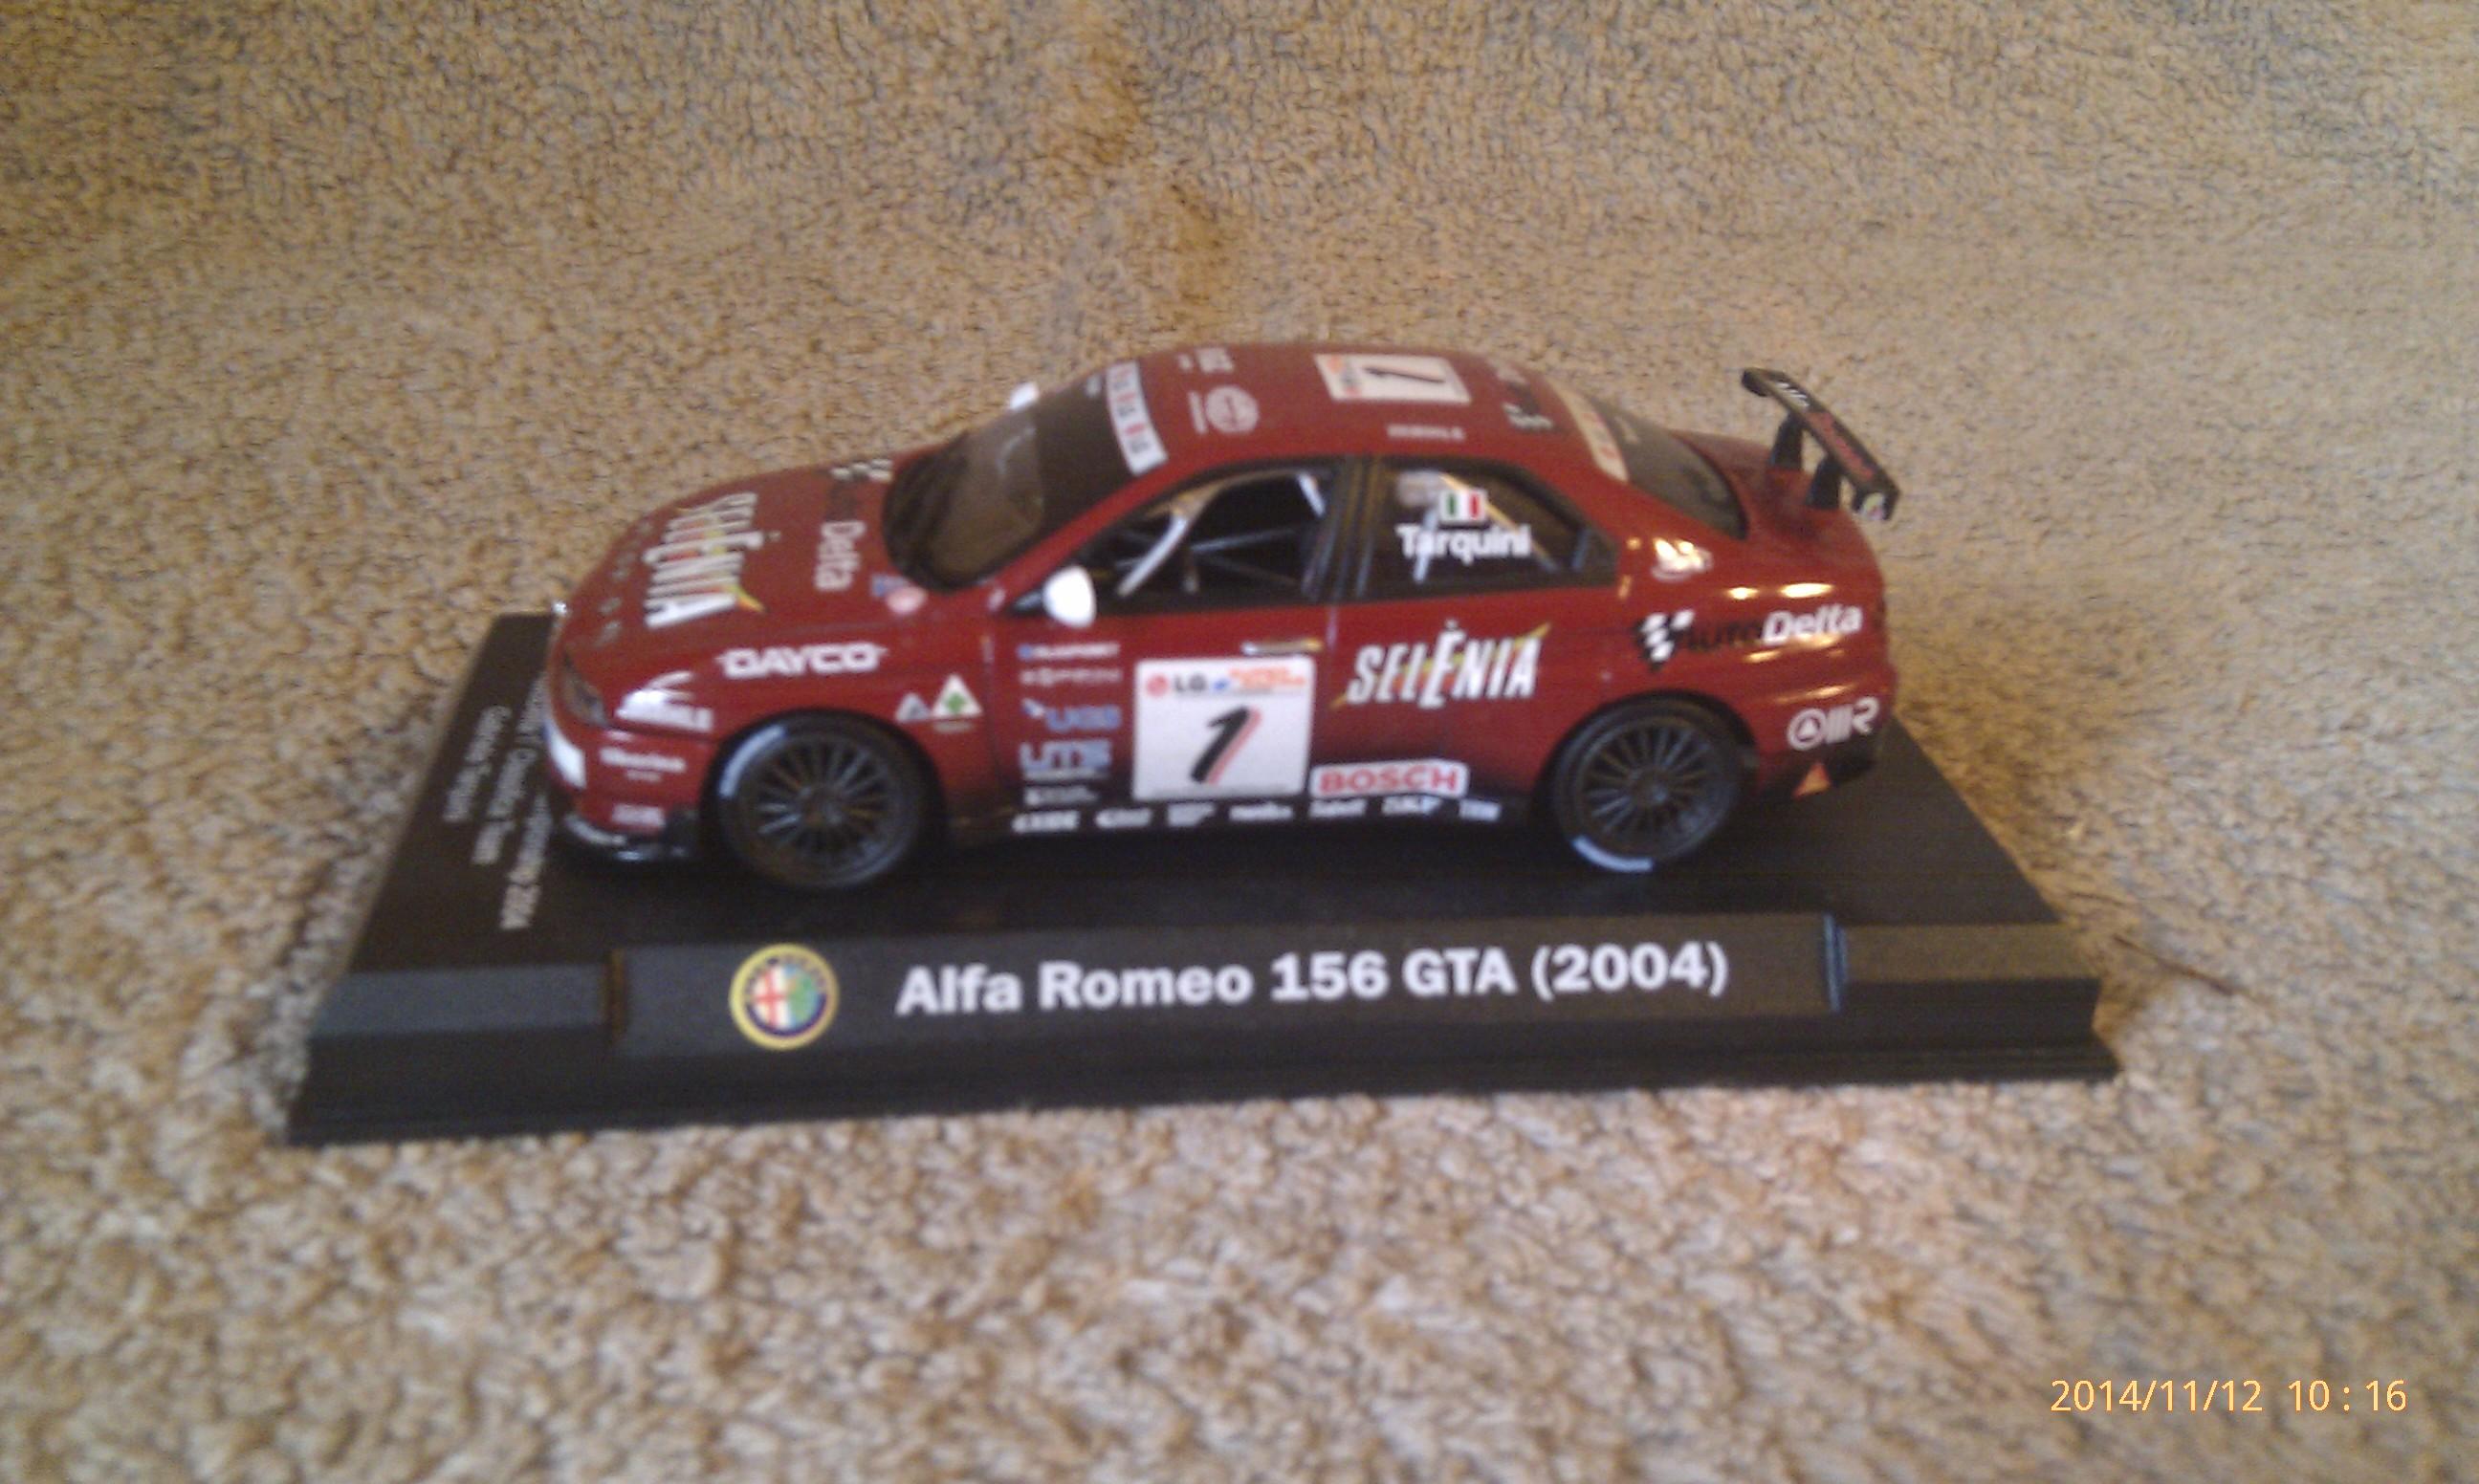 Alfa Romeo 156 GTA 2004